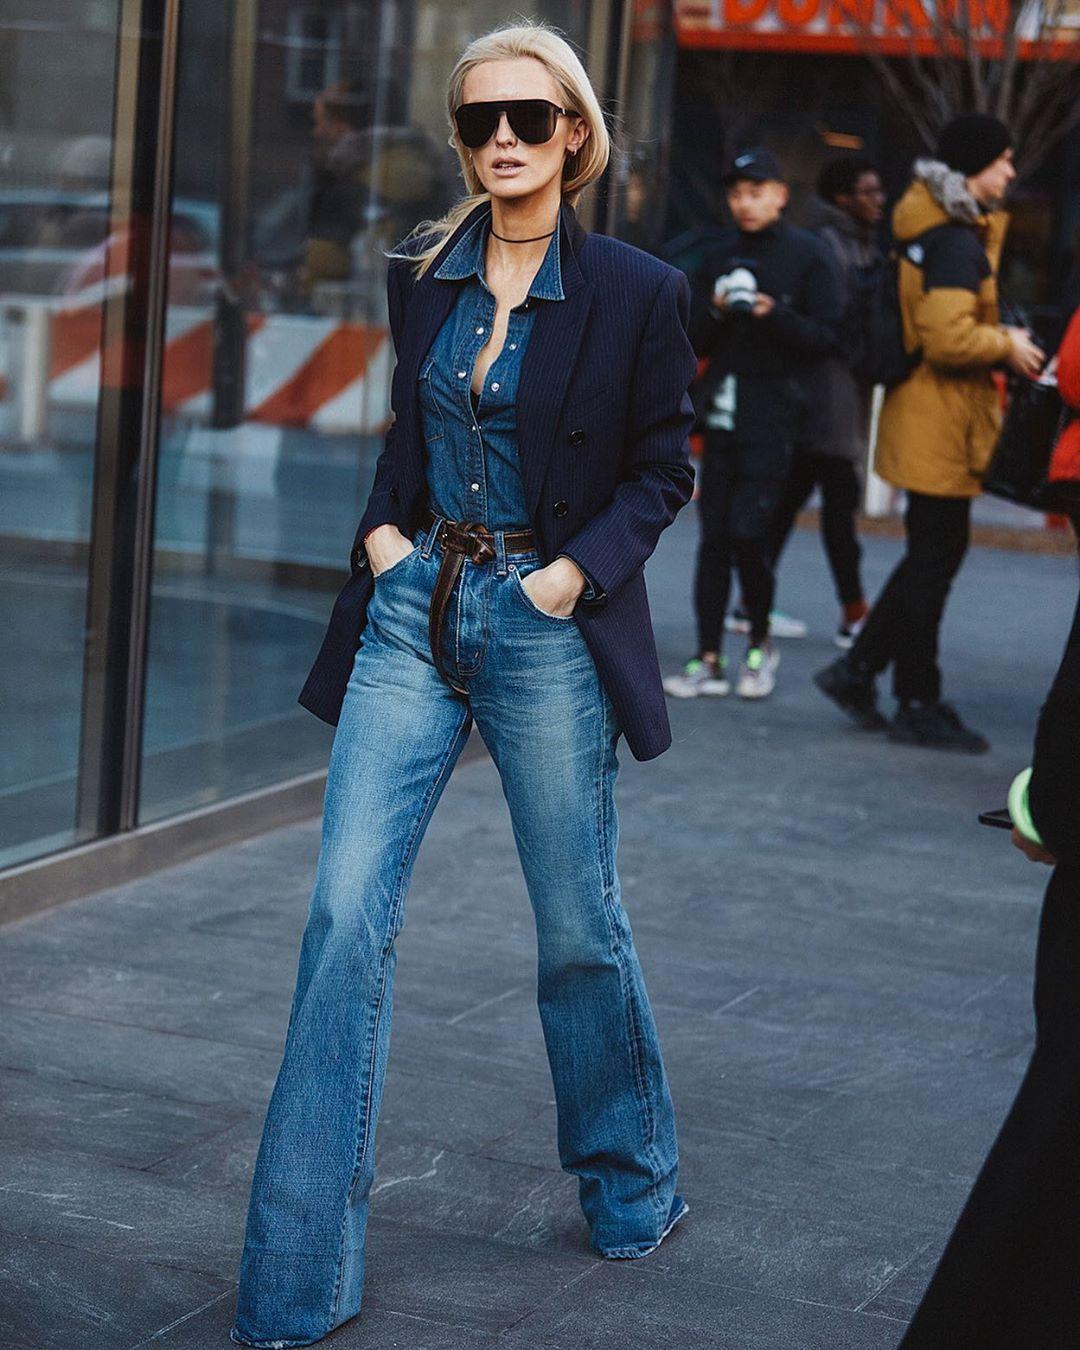 7 Jenis Model Celana Perempuan yang Wajib Kamu Ketahui